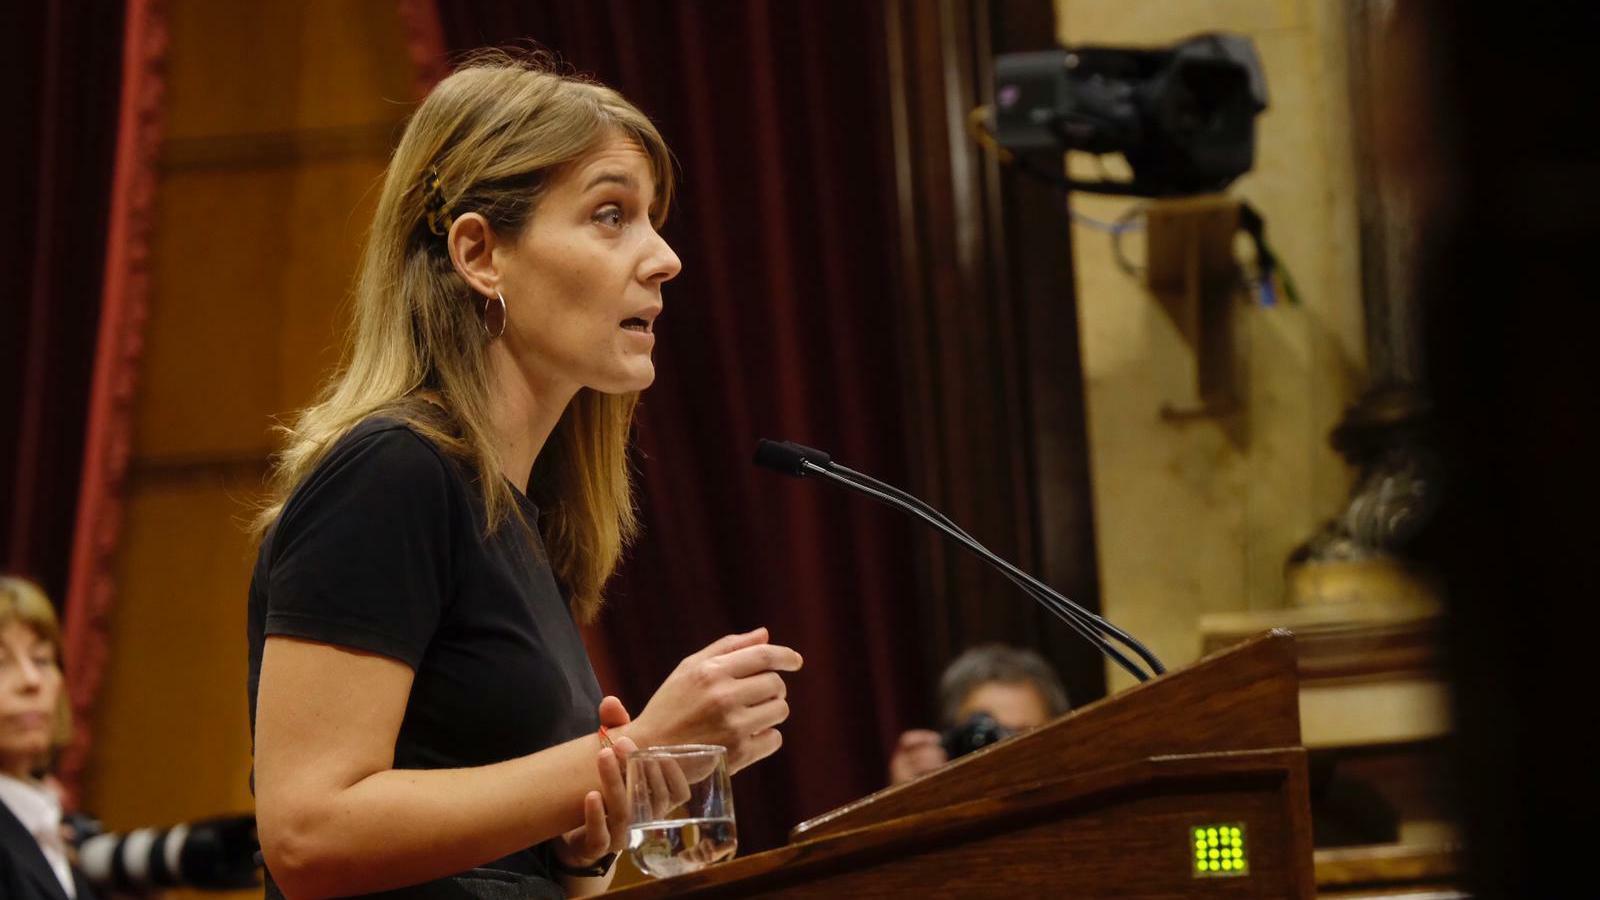 La president de Catalunya en Comú-Podem, Jéssica Albiach, durant la seva intervenció al Parlament